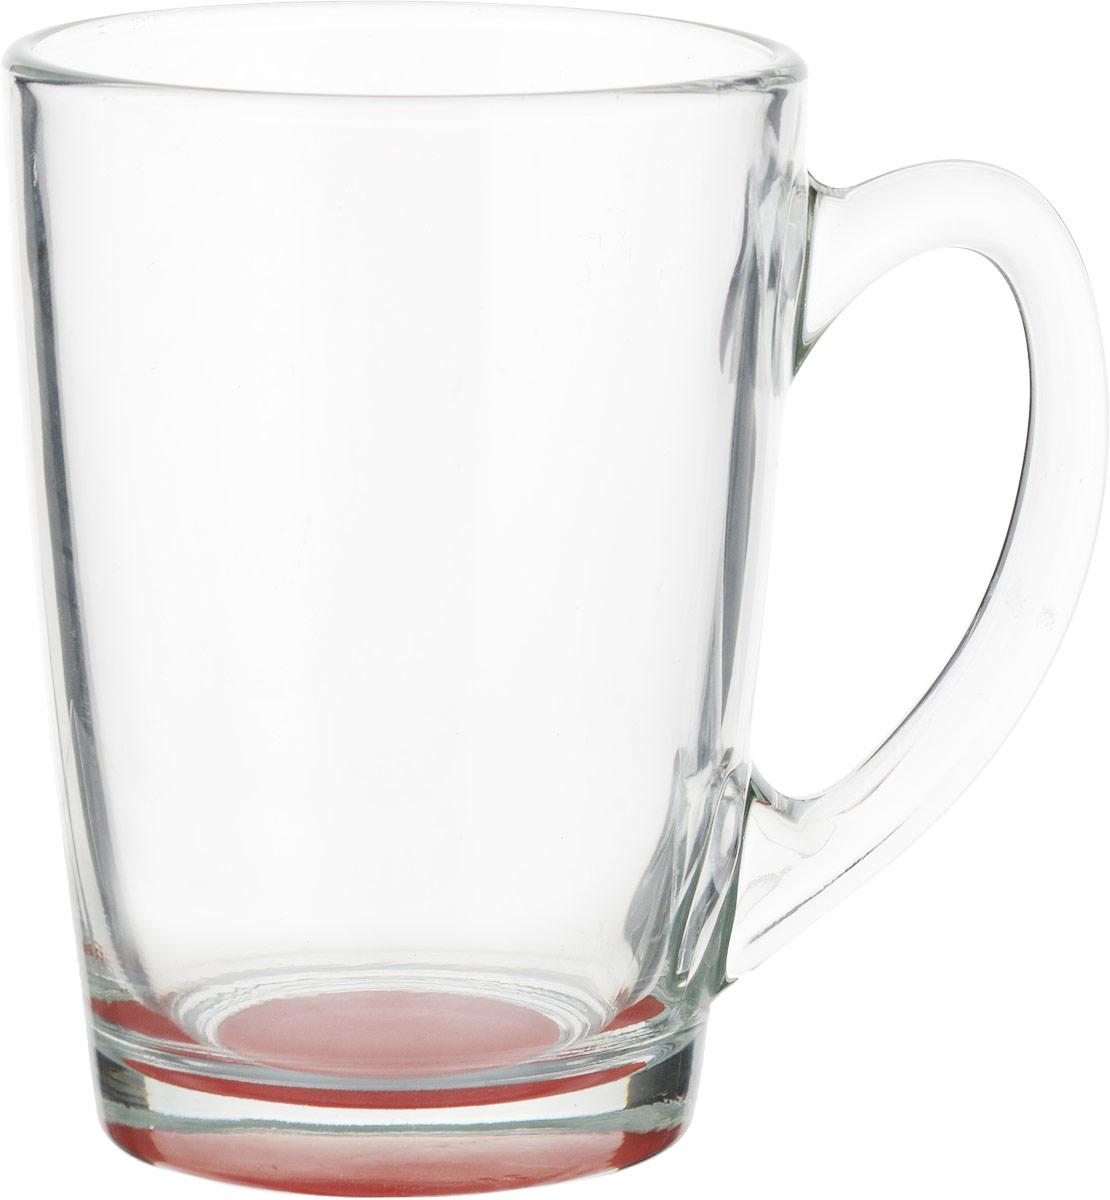 Кружка Luminarc Morning Rainbow, цвет: прозрачный, красный, 320 млJ5974_красныйКружка Luminarc Morning Rainbow изготовлена из упрочненного стекла. Такая кружка прекрасно подойдет для горячих и холодных напитков. Она дополнит коллекцию вашей кухонной посуды и будет служить долгие годы. Диаметр кружки (по верхнему краю): 8 см. Высота стенки кружки: 11 см.Бренд Luminarc - это один из лидеров мирового рынка по производству посуды и товаров для дома. В основе процесса изготовления лежит высококачественное сырье, а также строгий контроль качества.